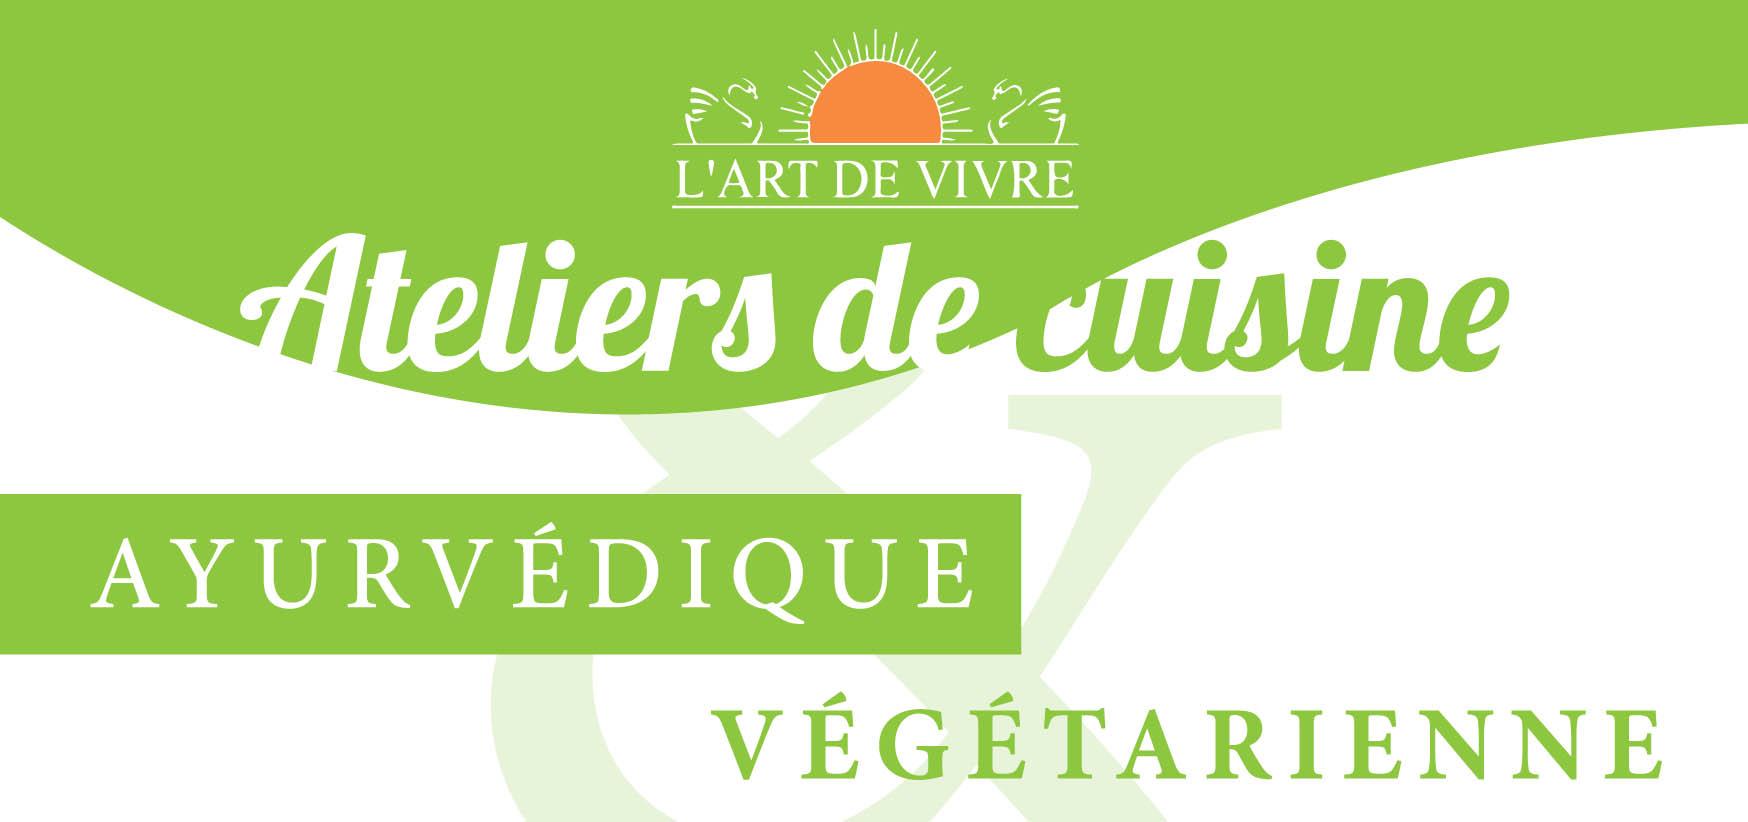 Cours De Cuisine Pyrenees Atlantiques atelier de cuisine végétarienne | art de vivre france